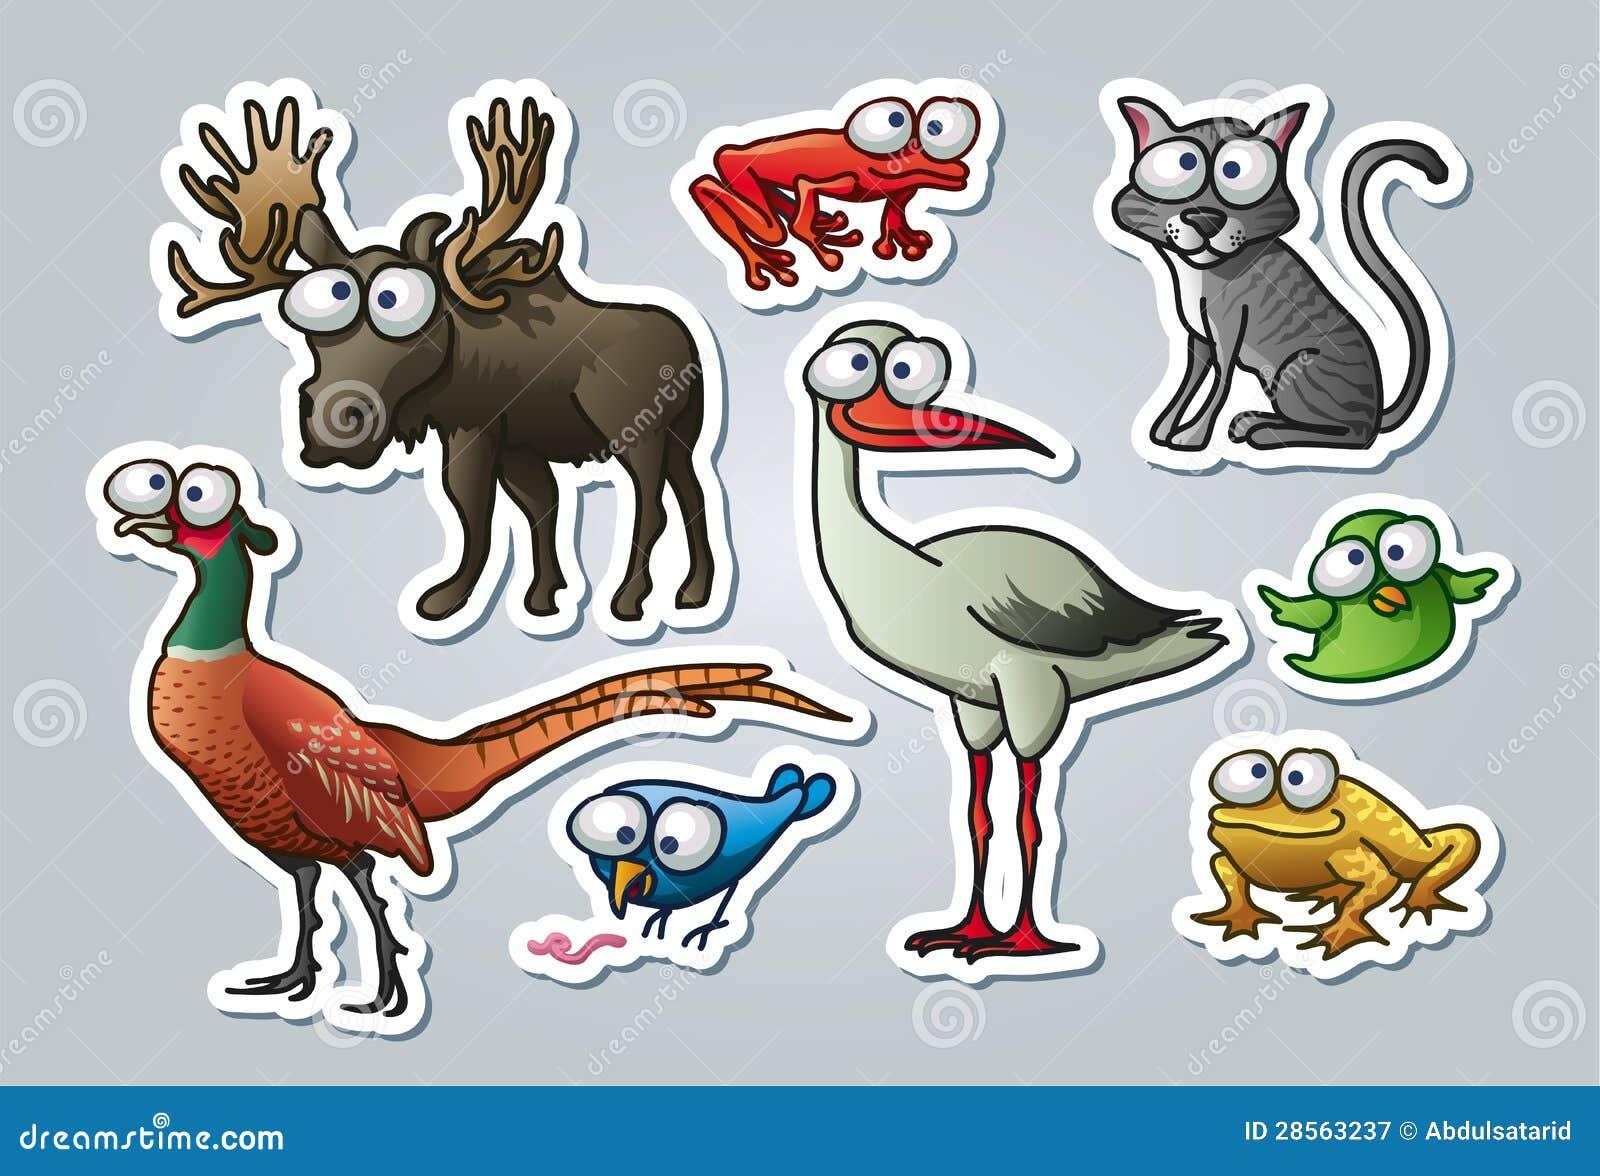 Zoológico De Animais Bebê Dos Desenhos Animados Vetor: Animais Dos Desenhos Animados Ilustração Do Vetor